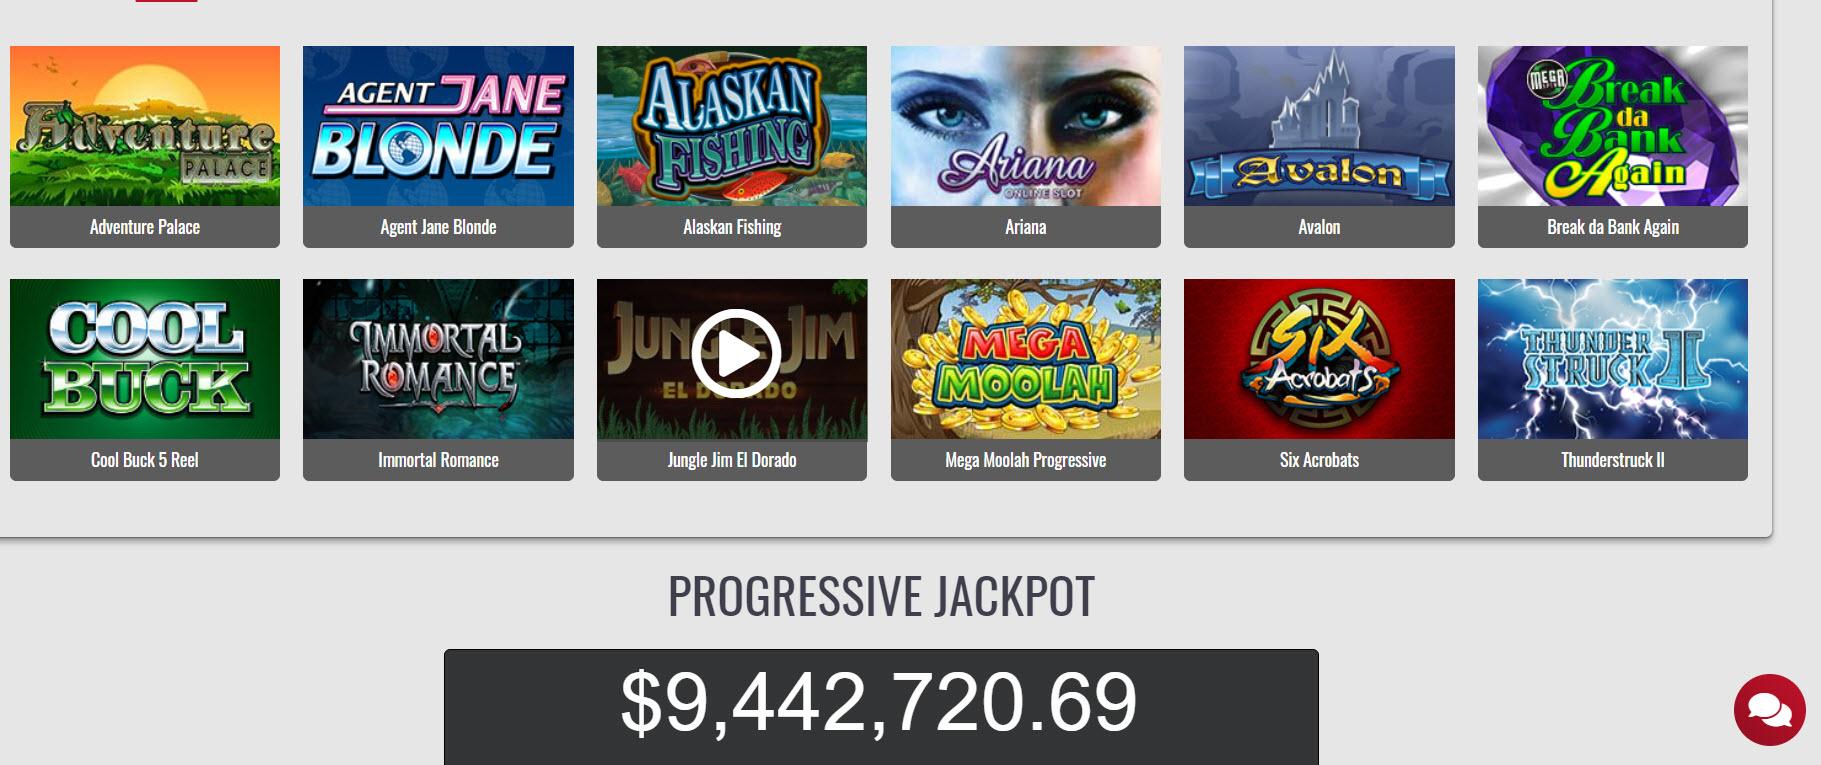 PlatinumPlay Casino.com